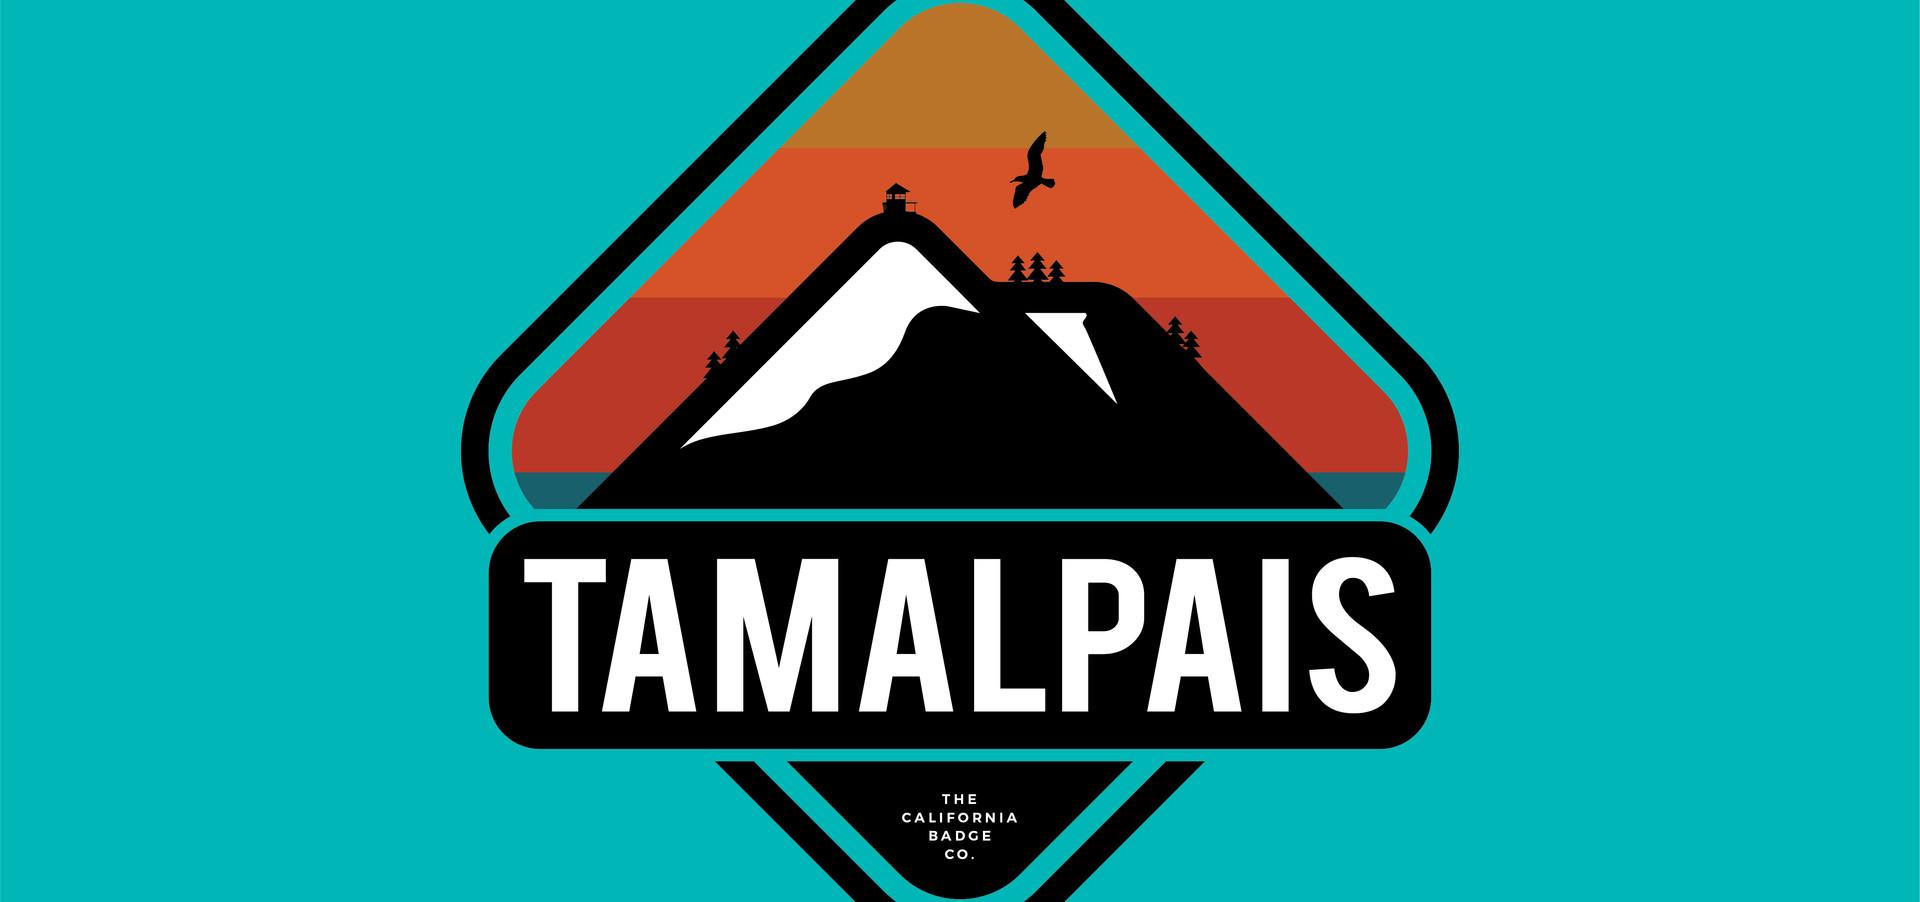 Tamalpais-badge-04.jpg